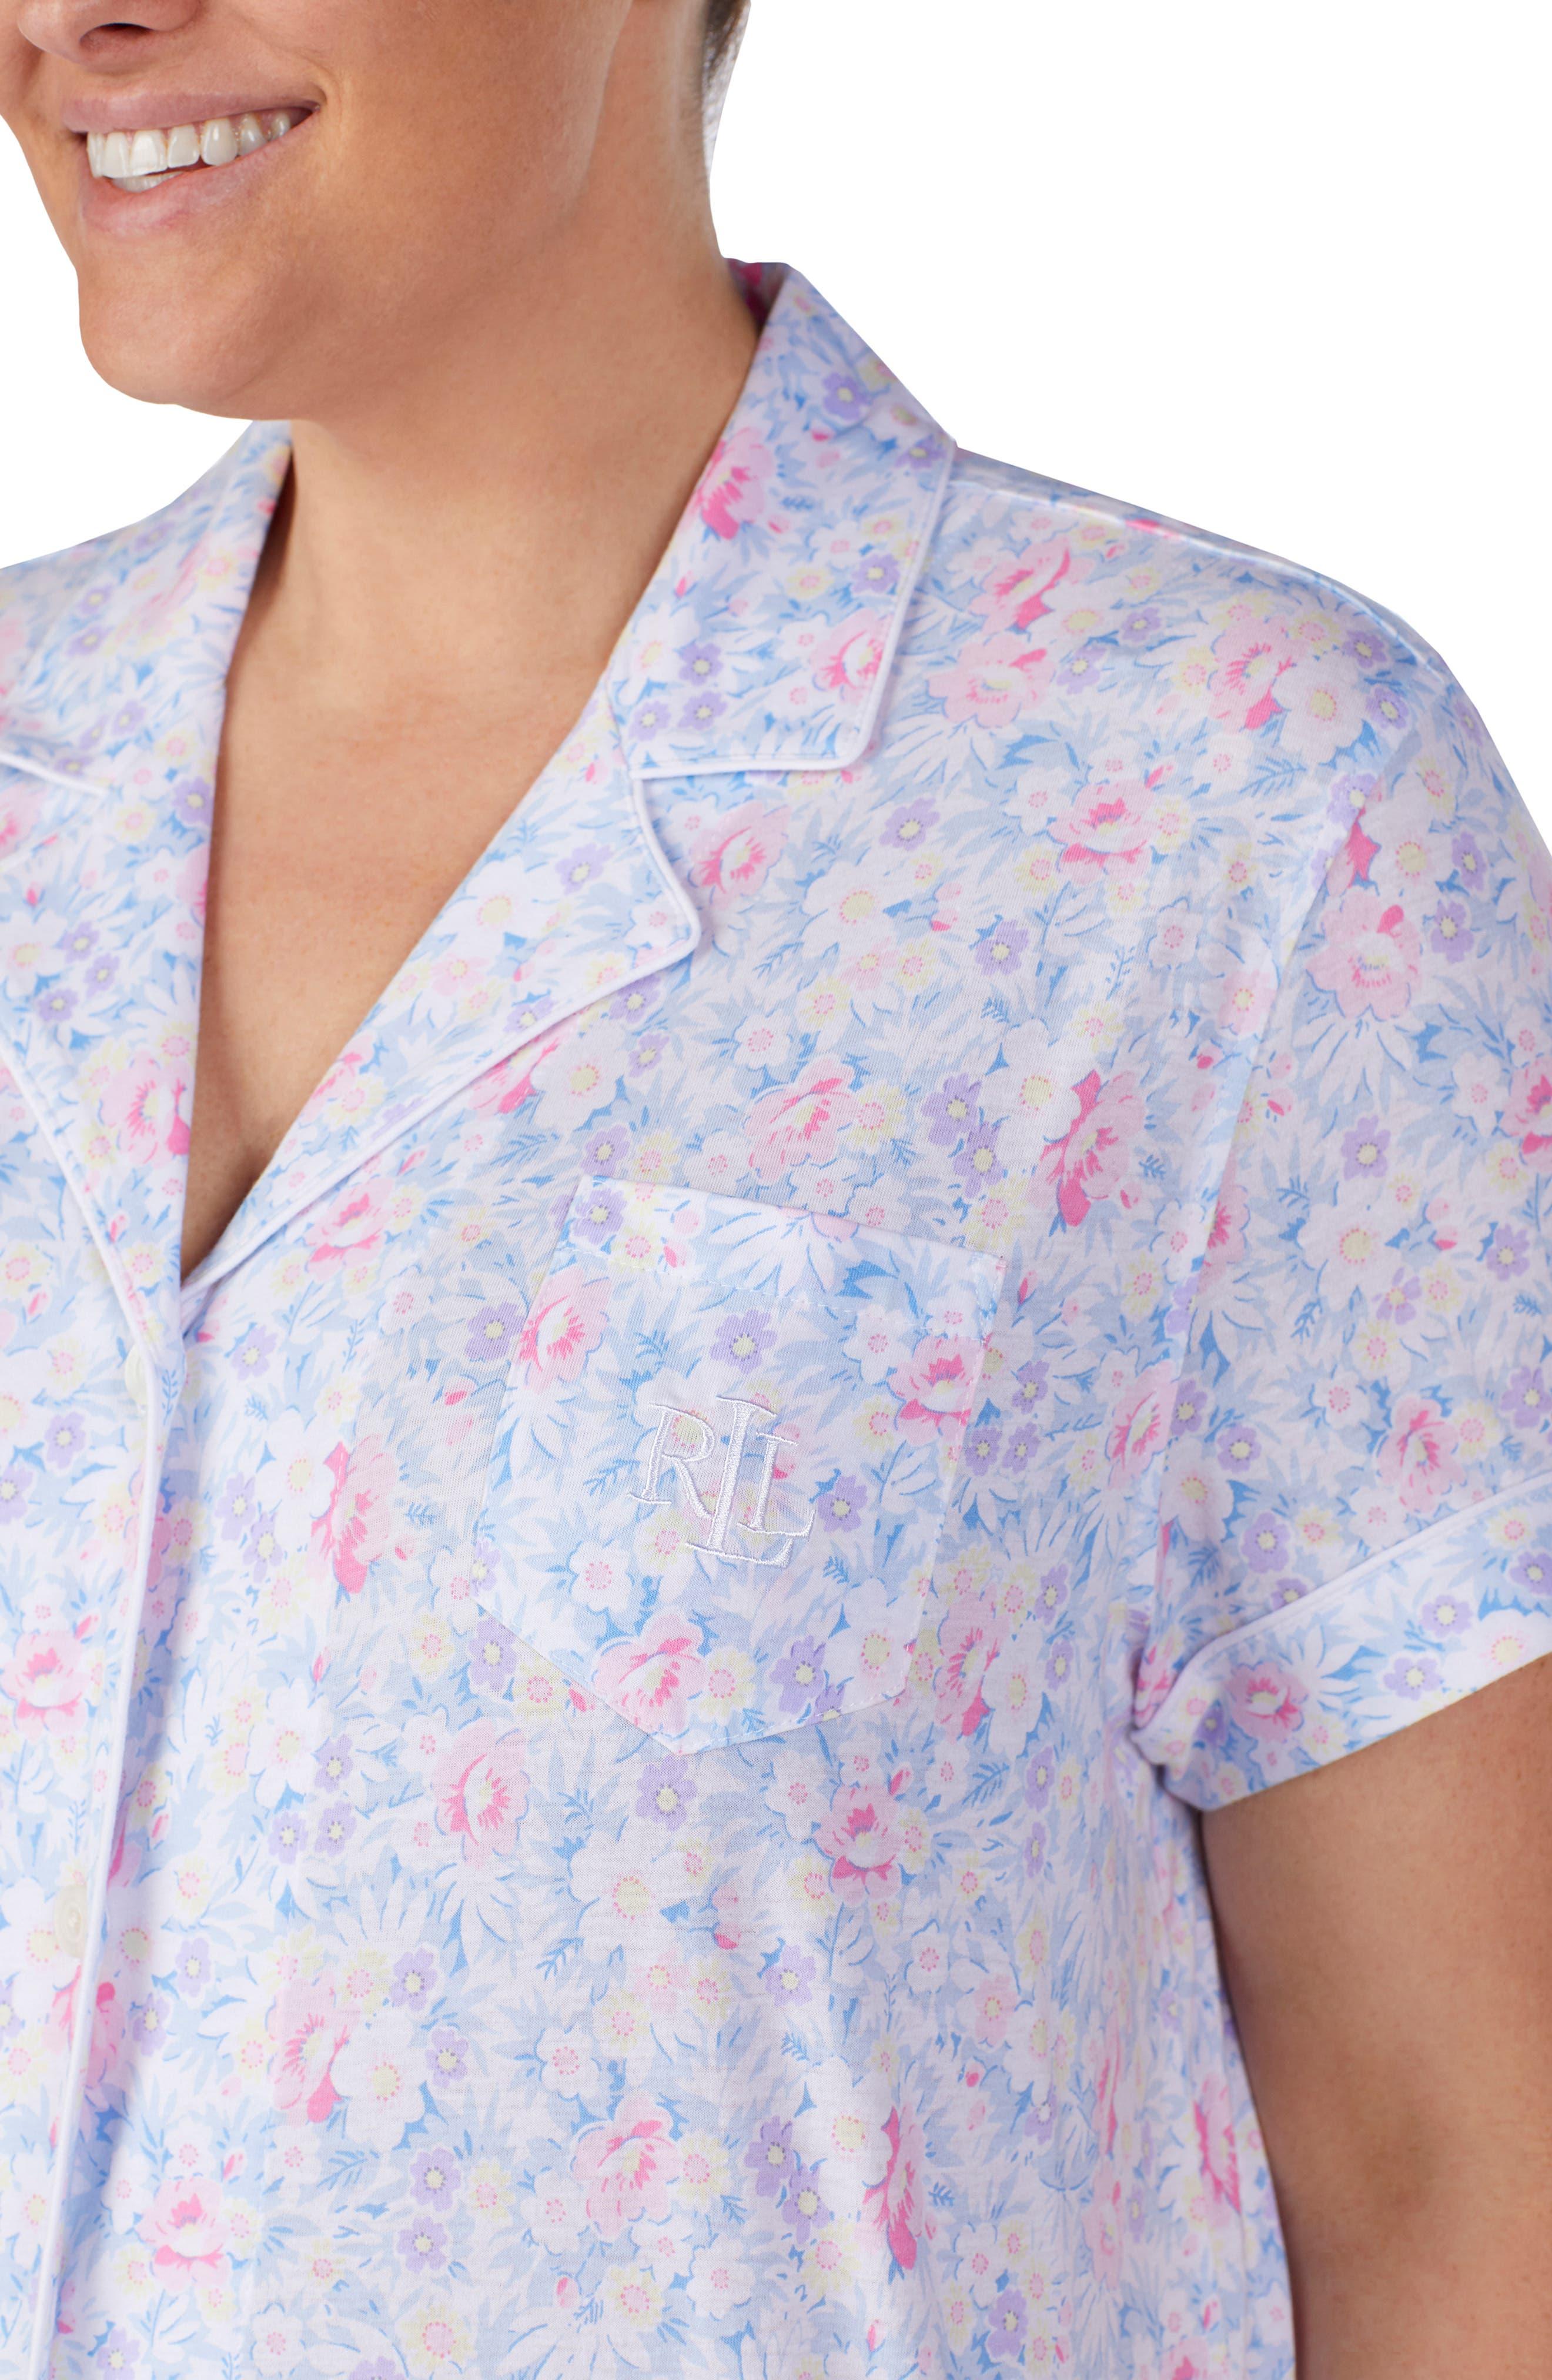 LAUREN RALPH LAUREN, Bermuda Shorts Pajamas, Alternate thumbnail 6, color, PINK FLORAL